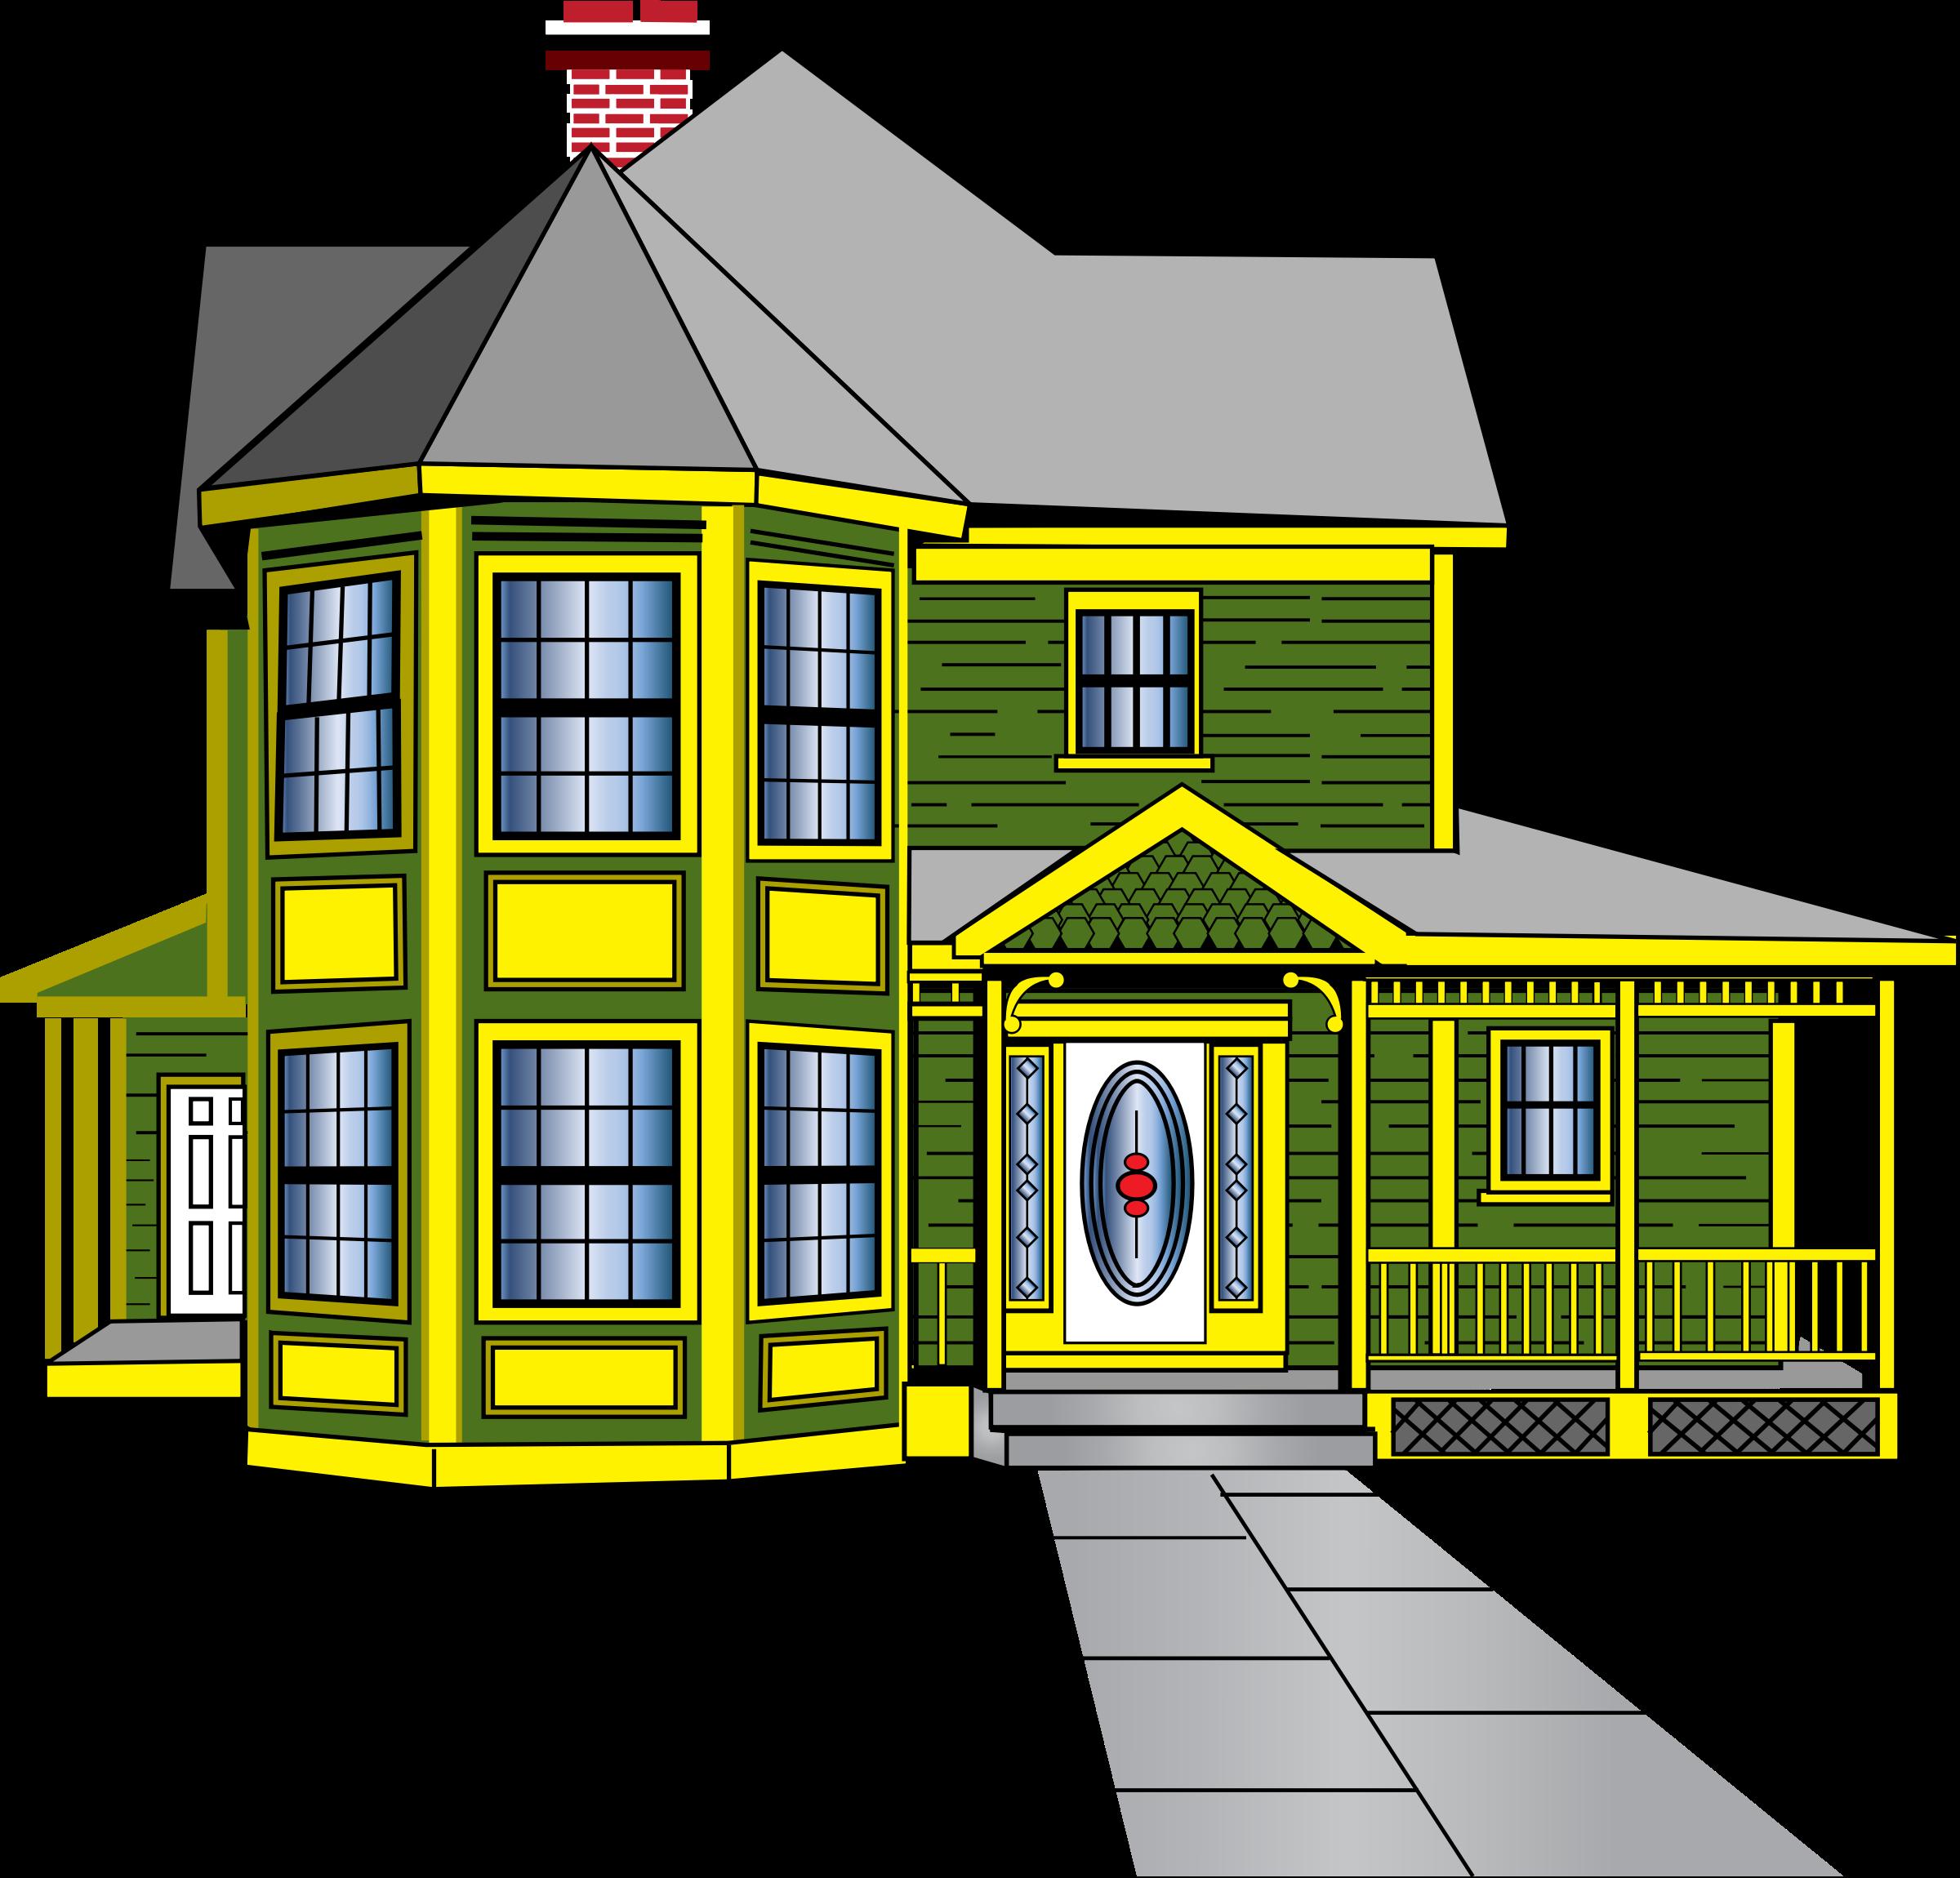 Big House Clip Art Big image (png)